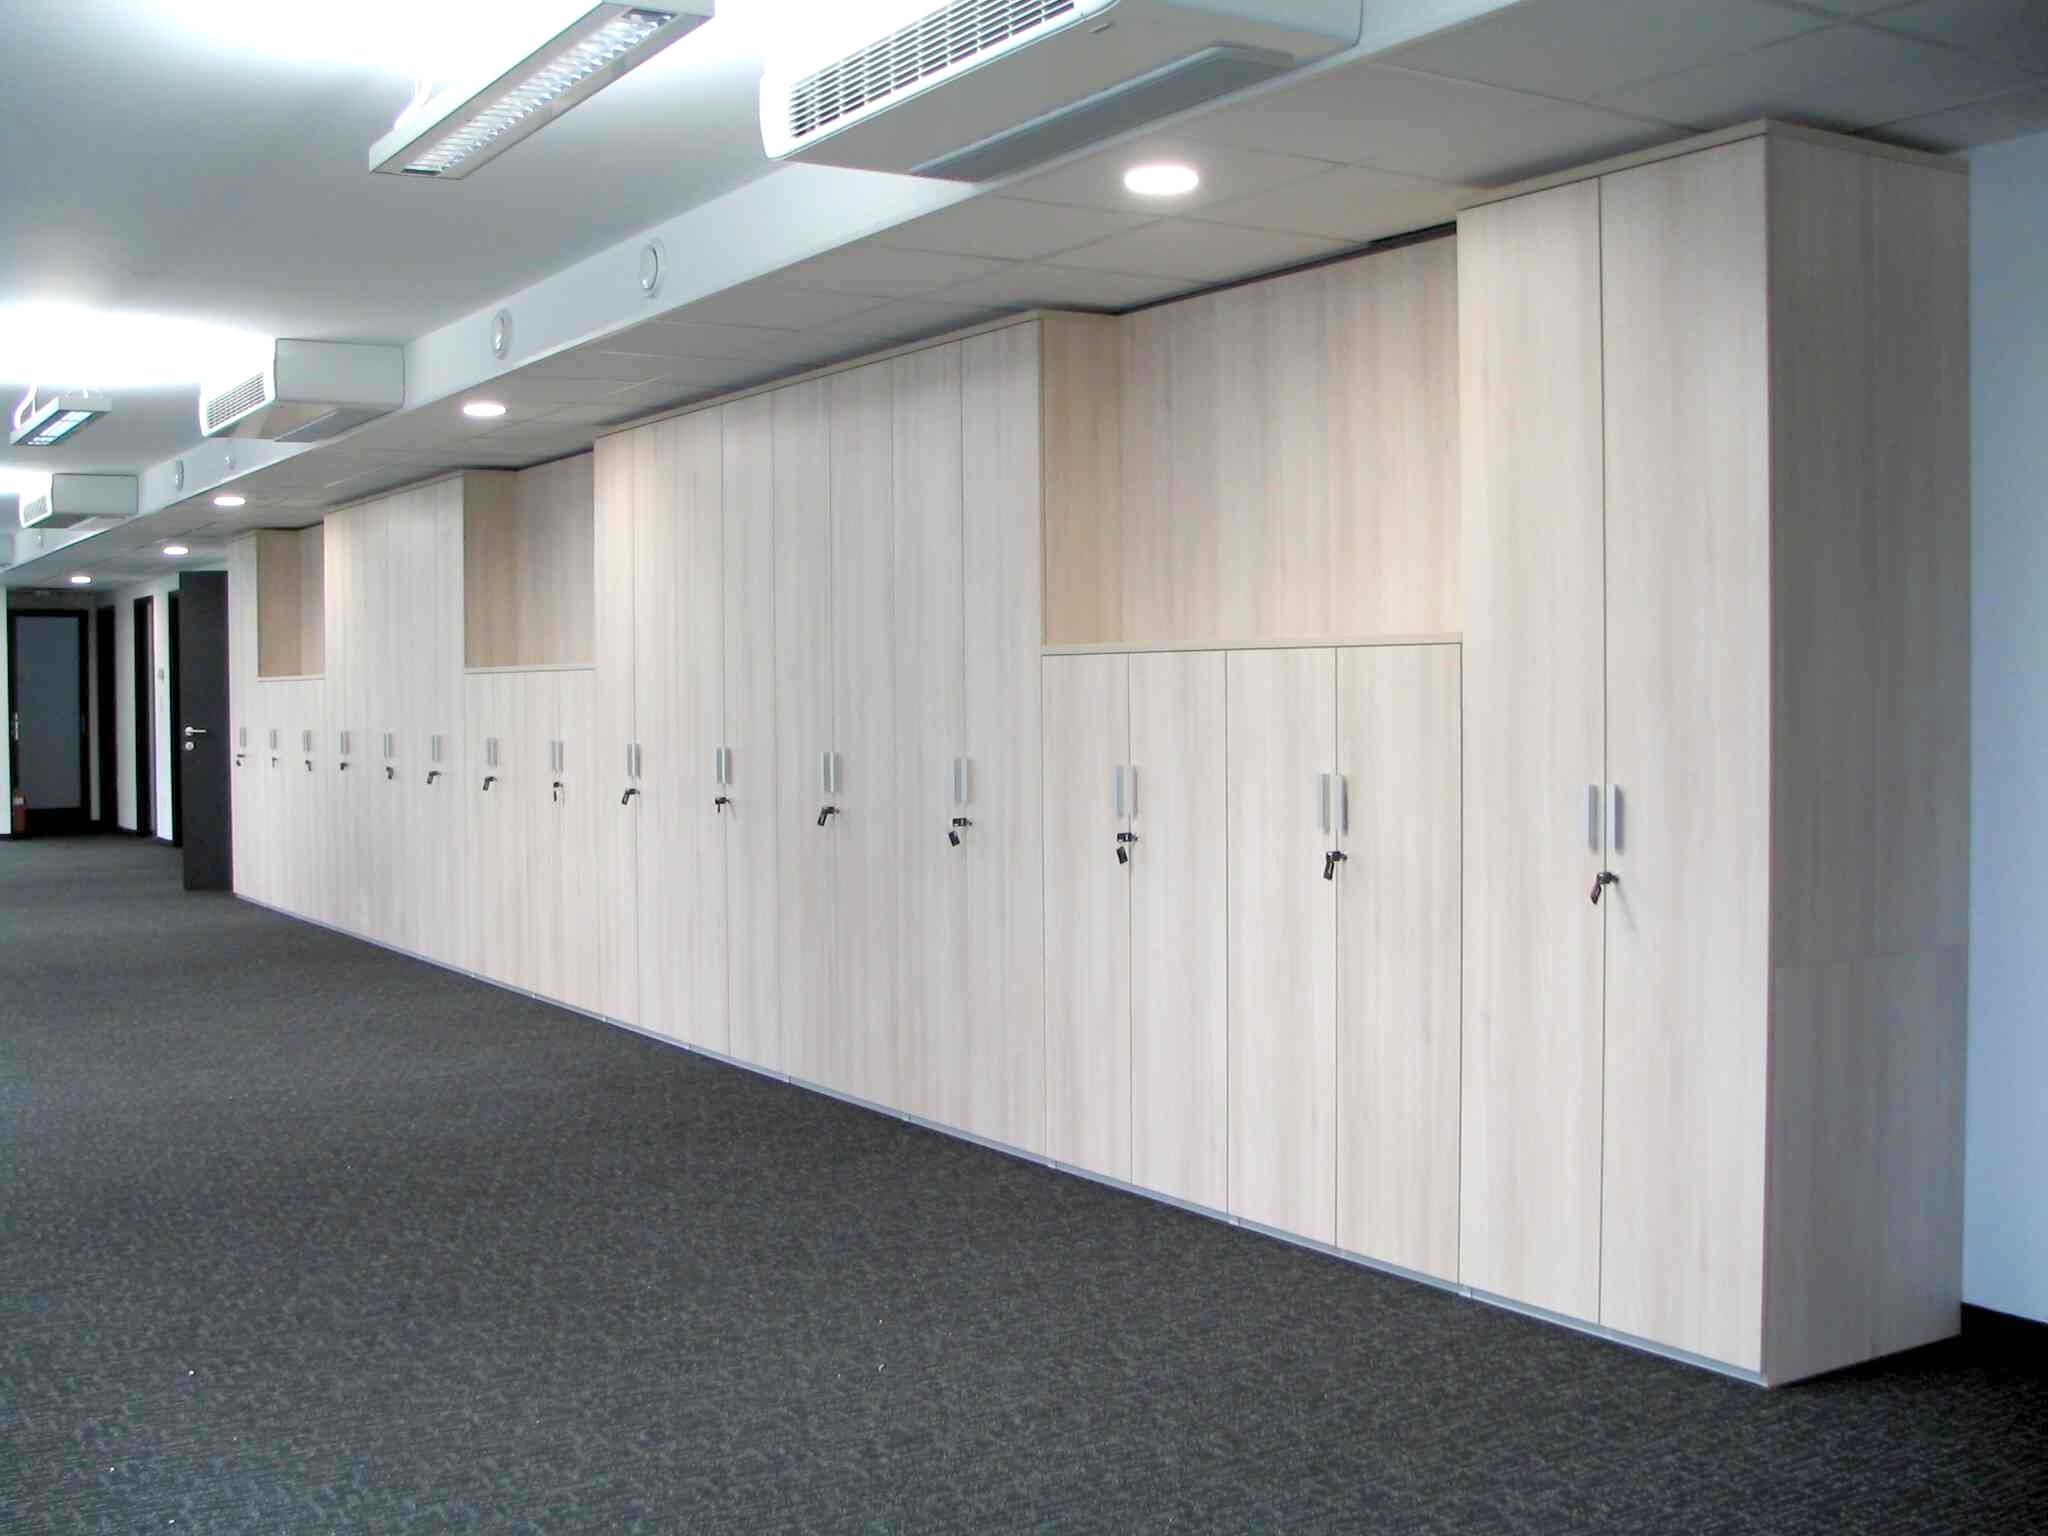 pisarnisko_pohistvo_Pregradne omare med prostori_nobis